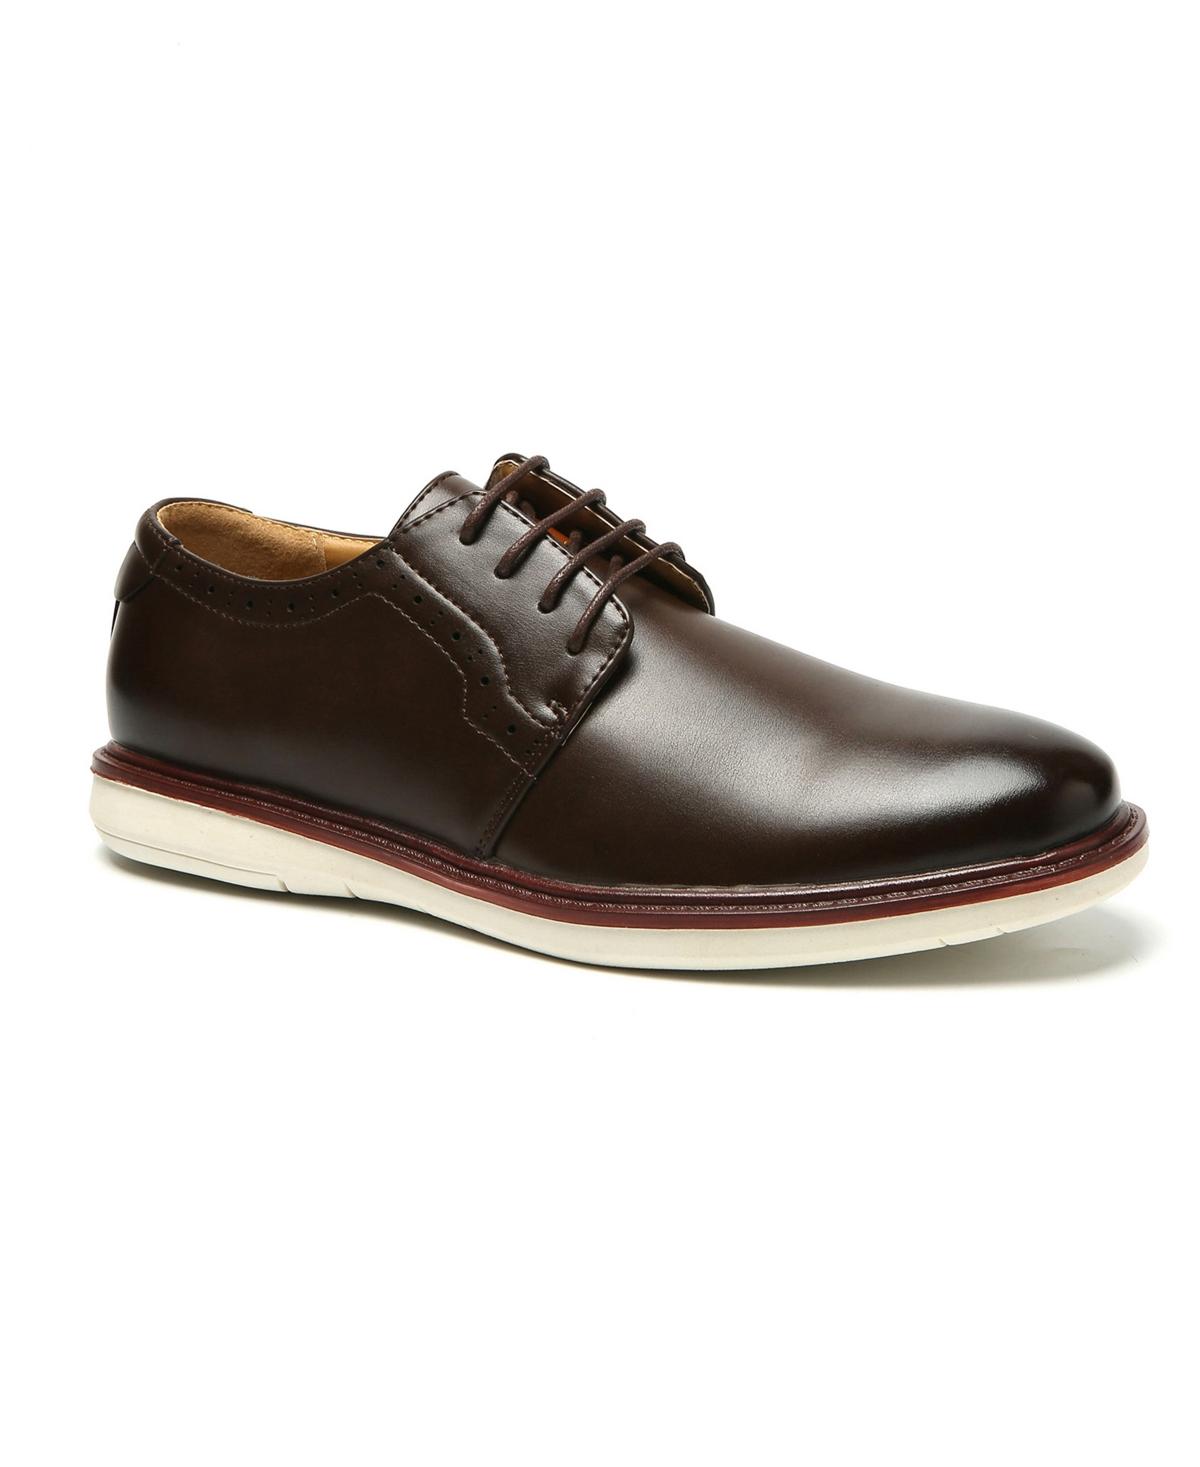 Men's Plain Toe Oxford Shoes Men's Shoes